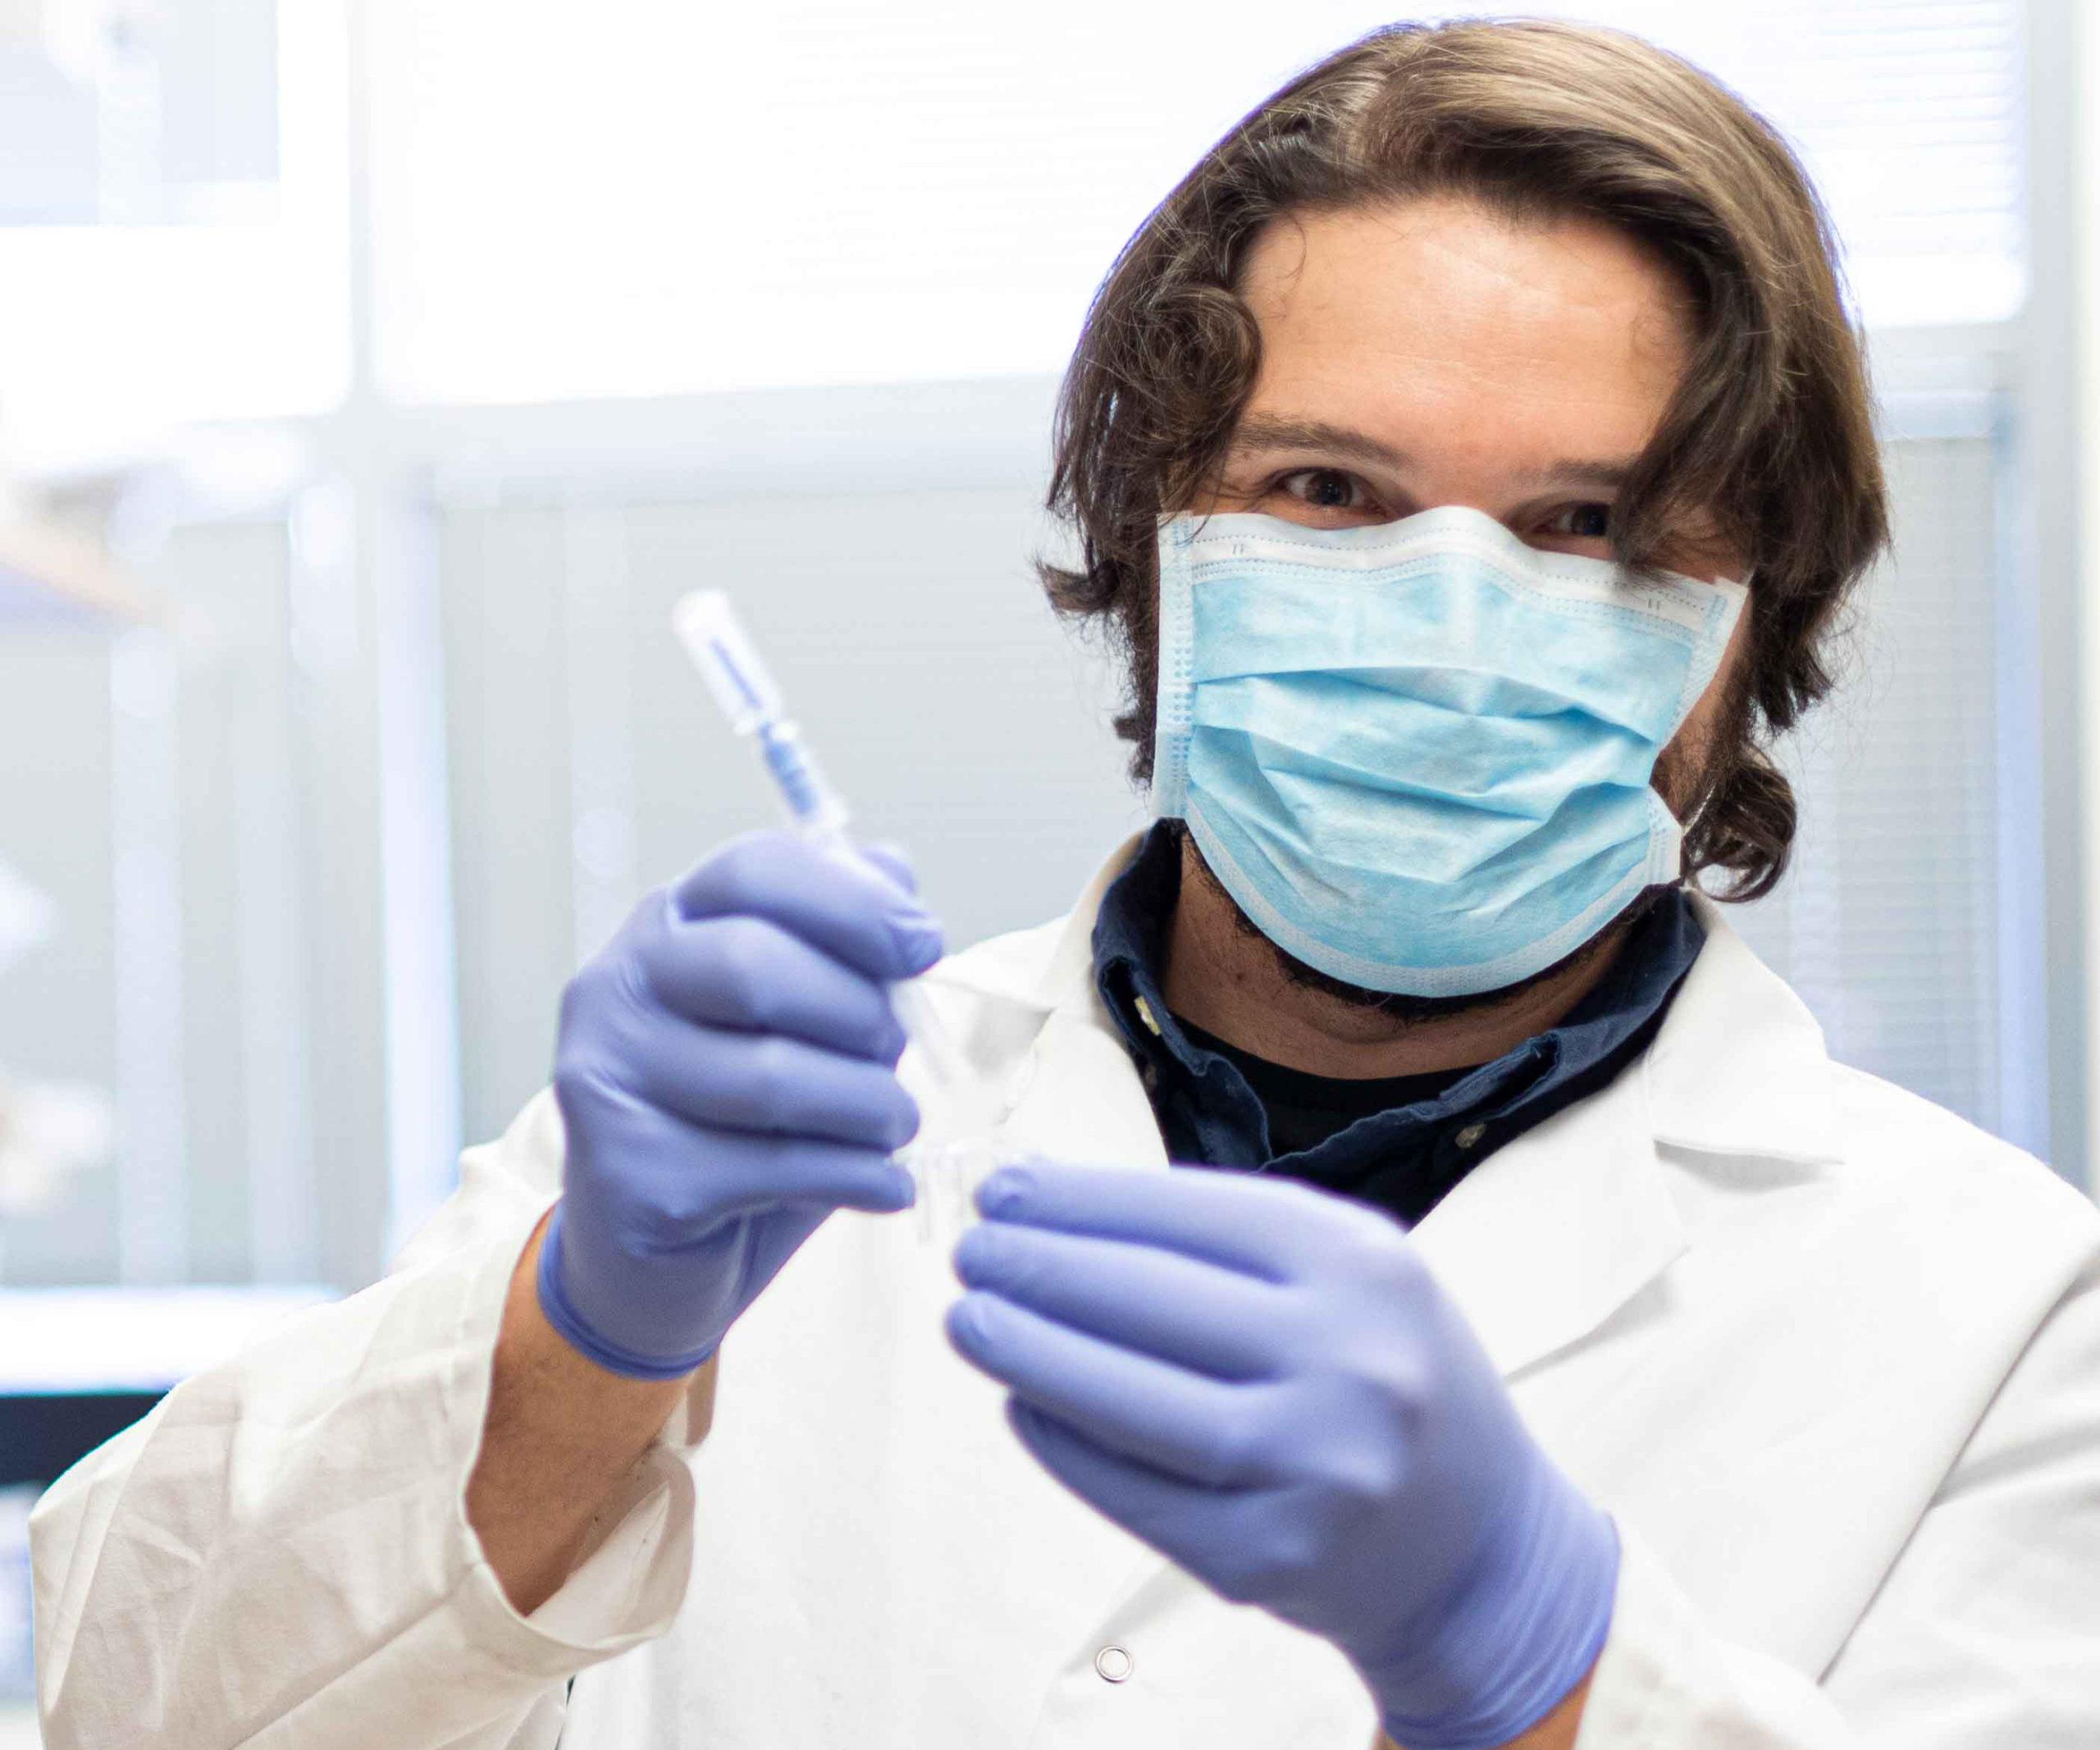 Enose Kline, UW Bioengineering